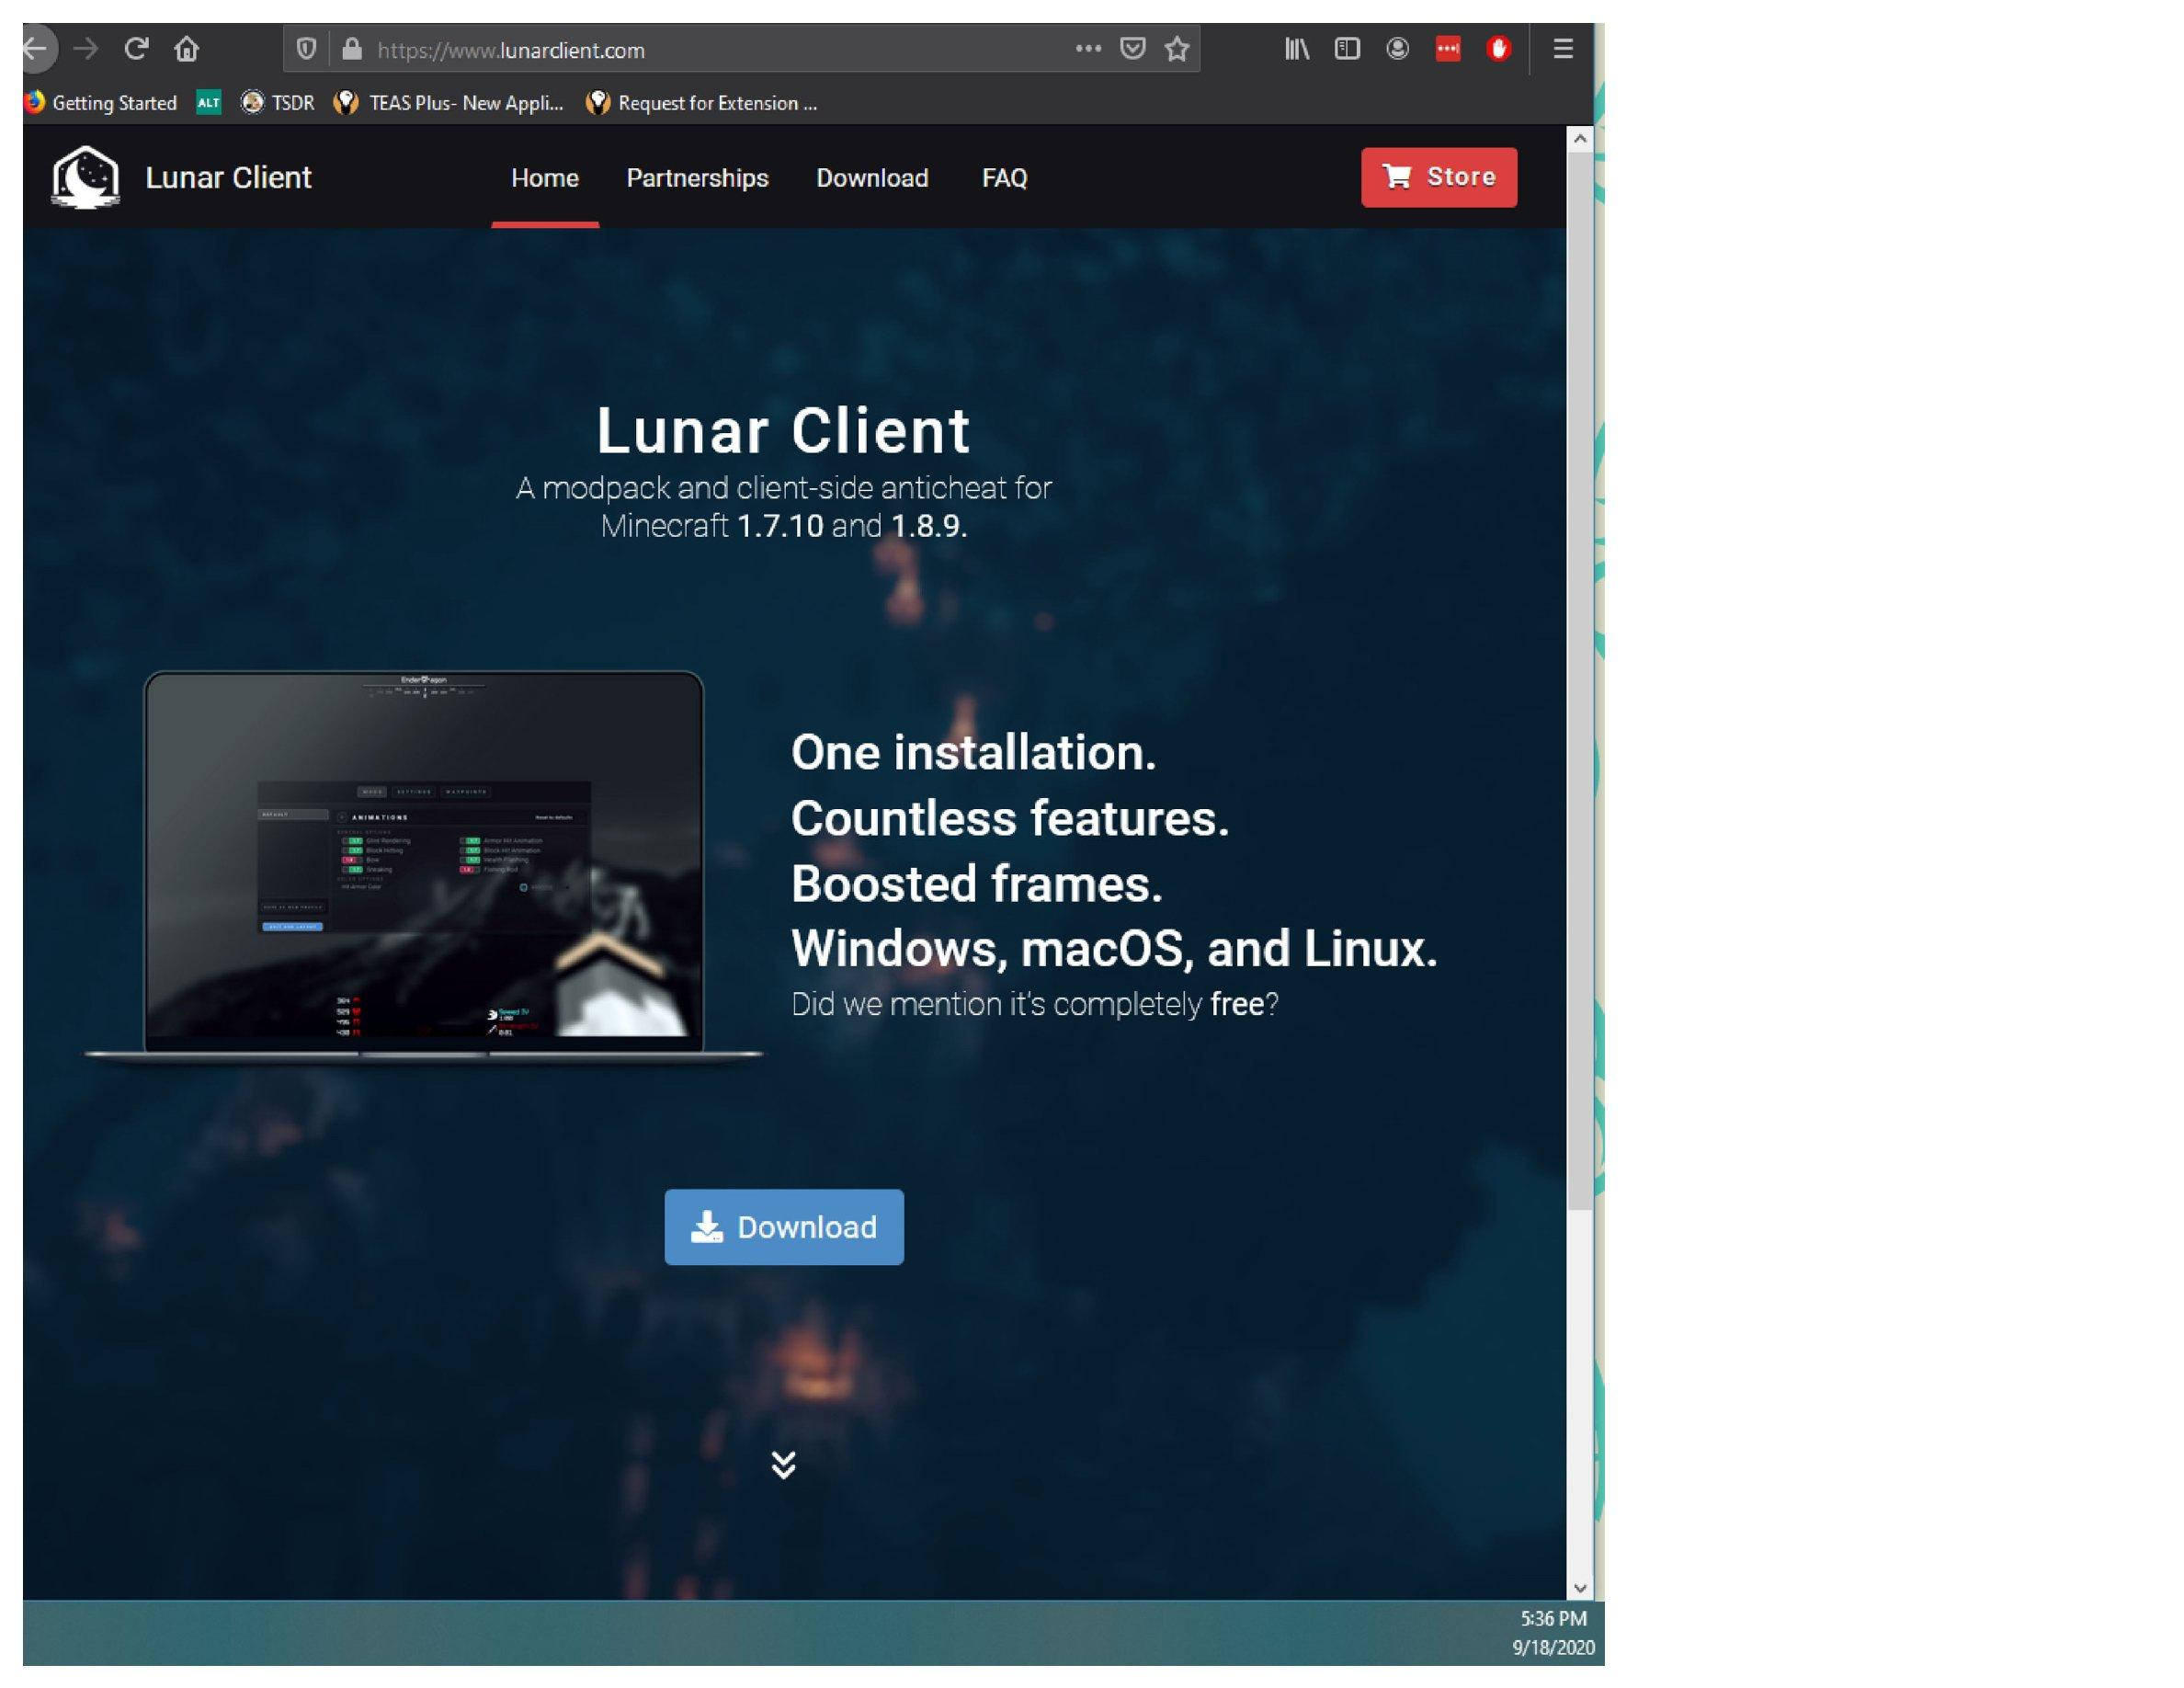 Teas Plus New Application For Lunar Client